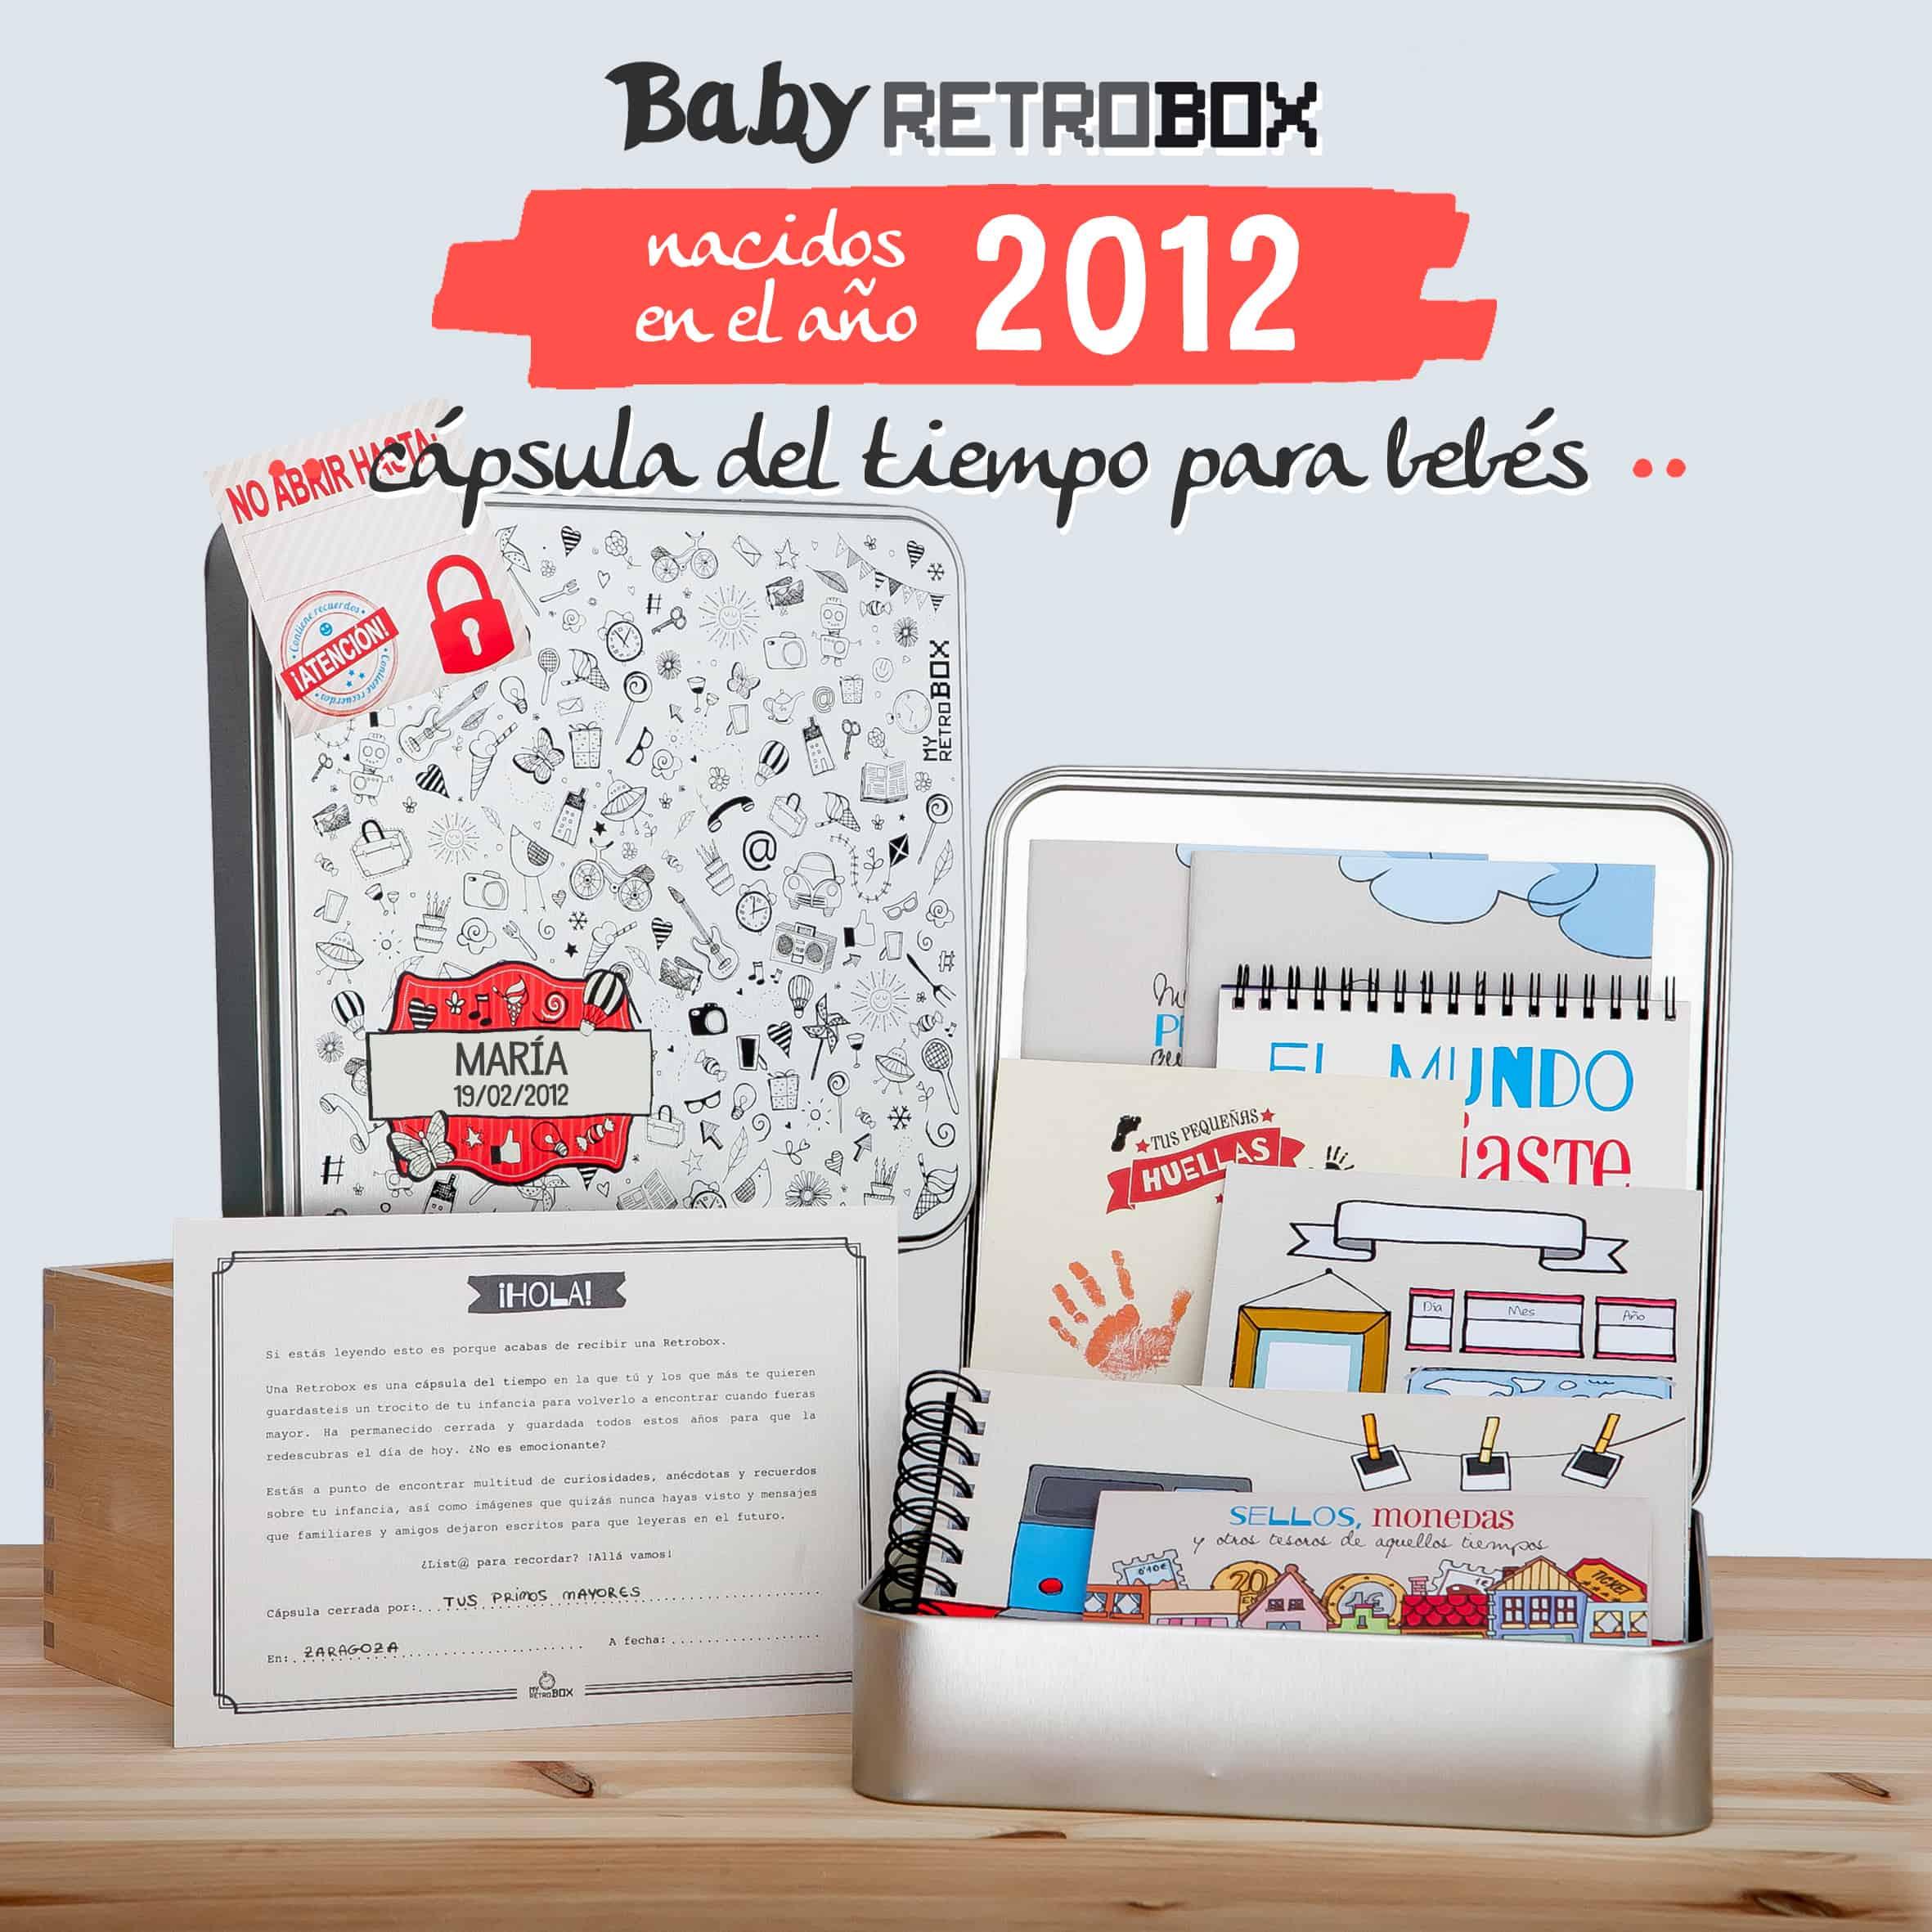 Cápsula del tiempo bebés Baby Retrobox: nacidos en el año 2012